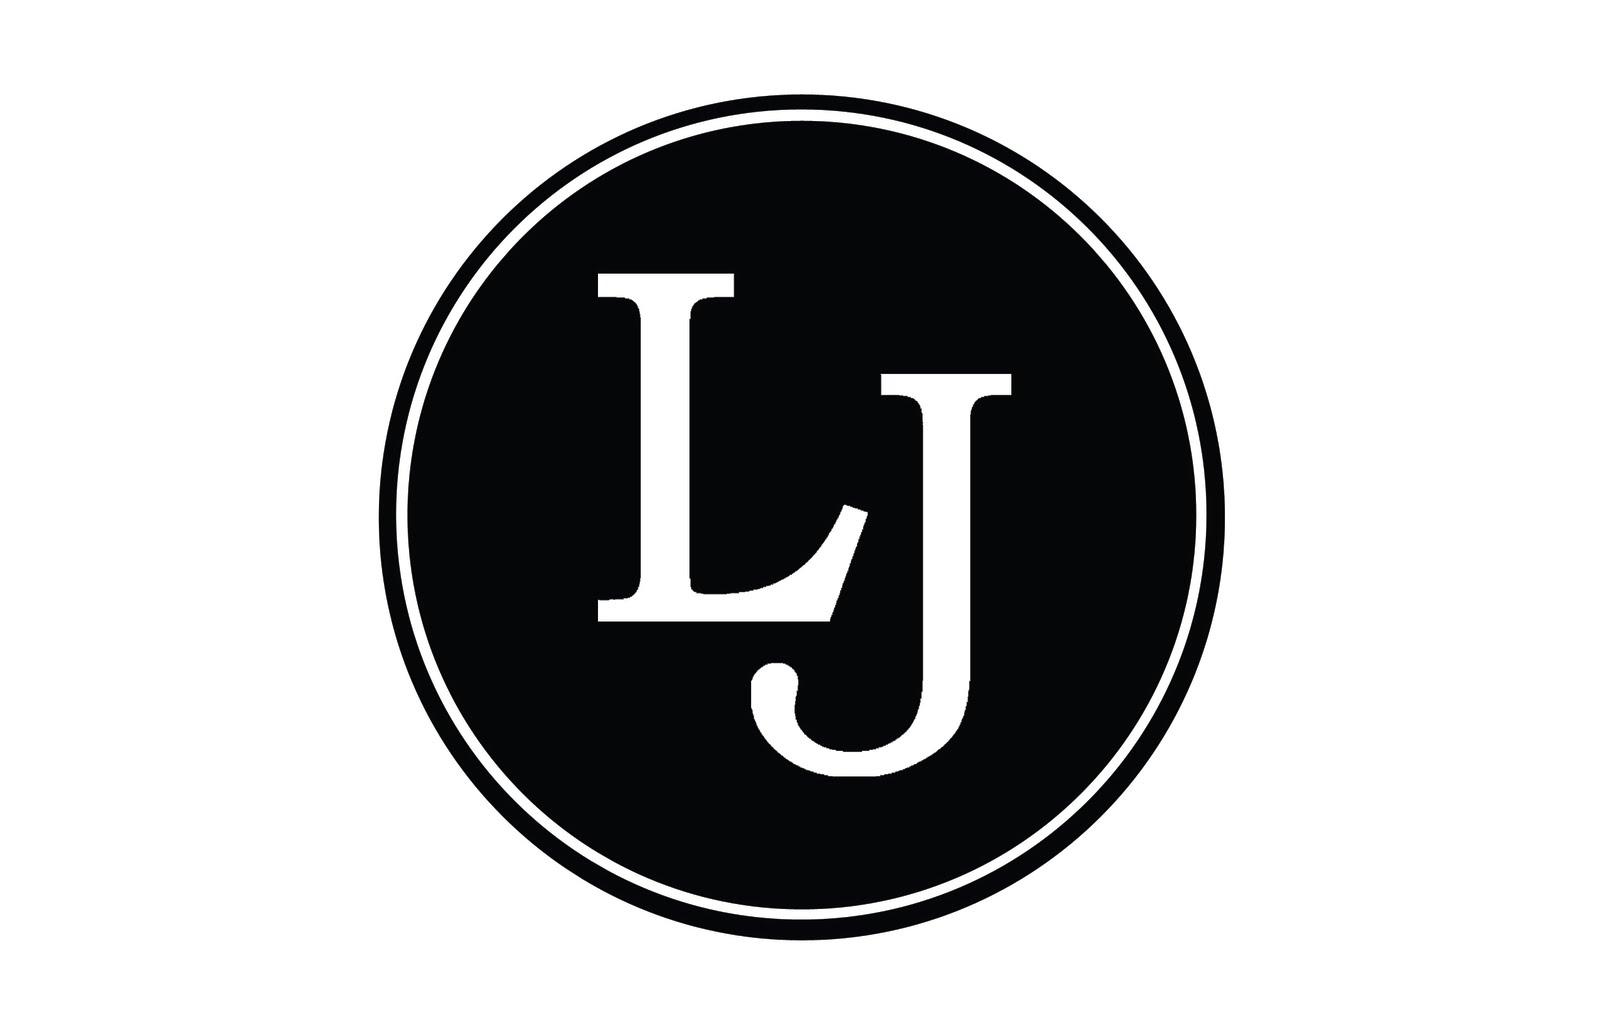 Lj Logos.